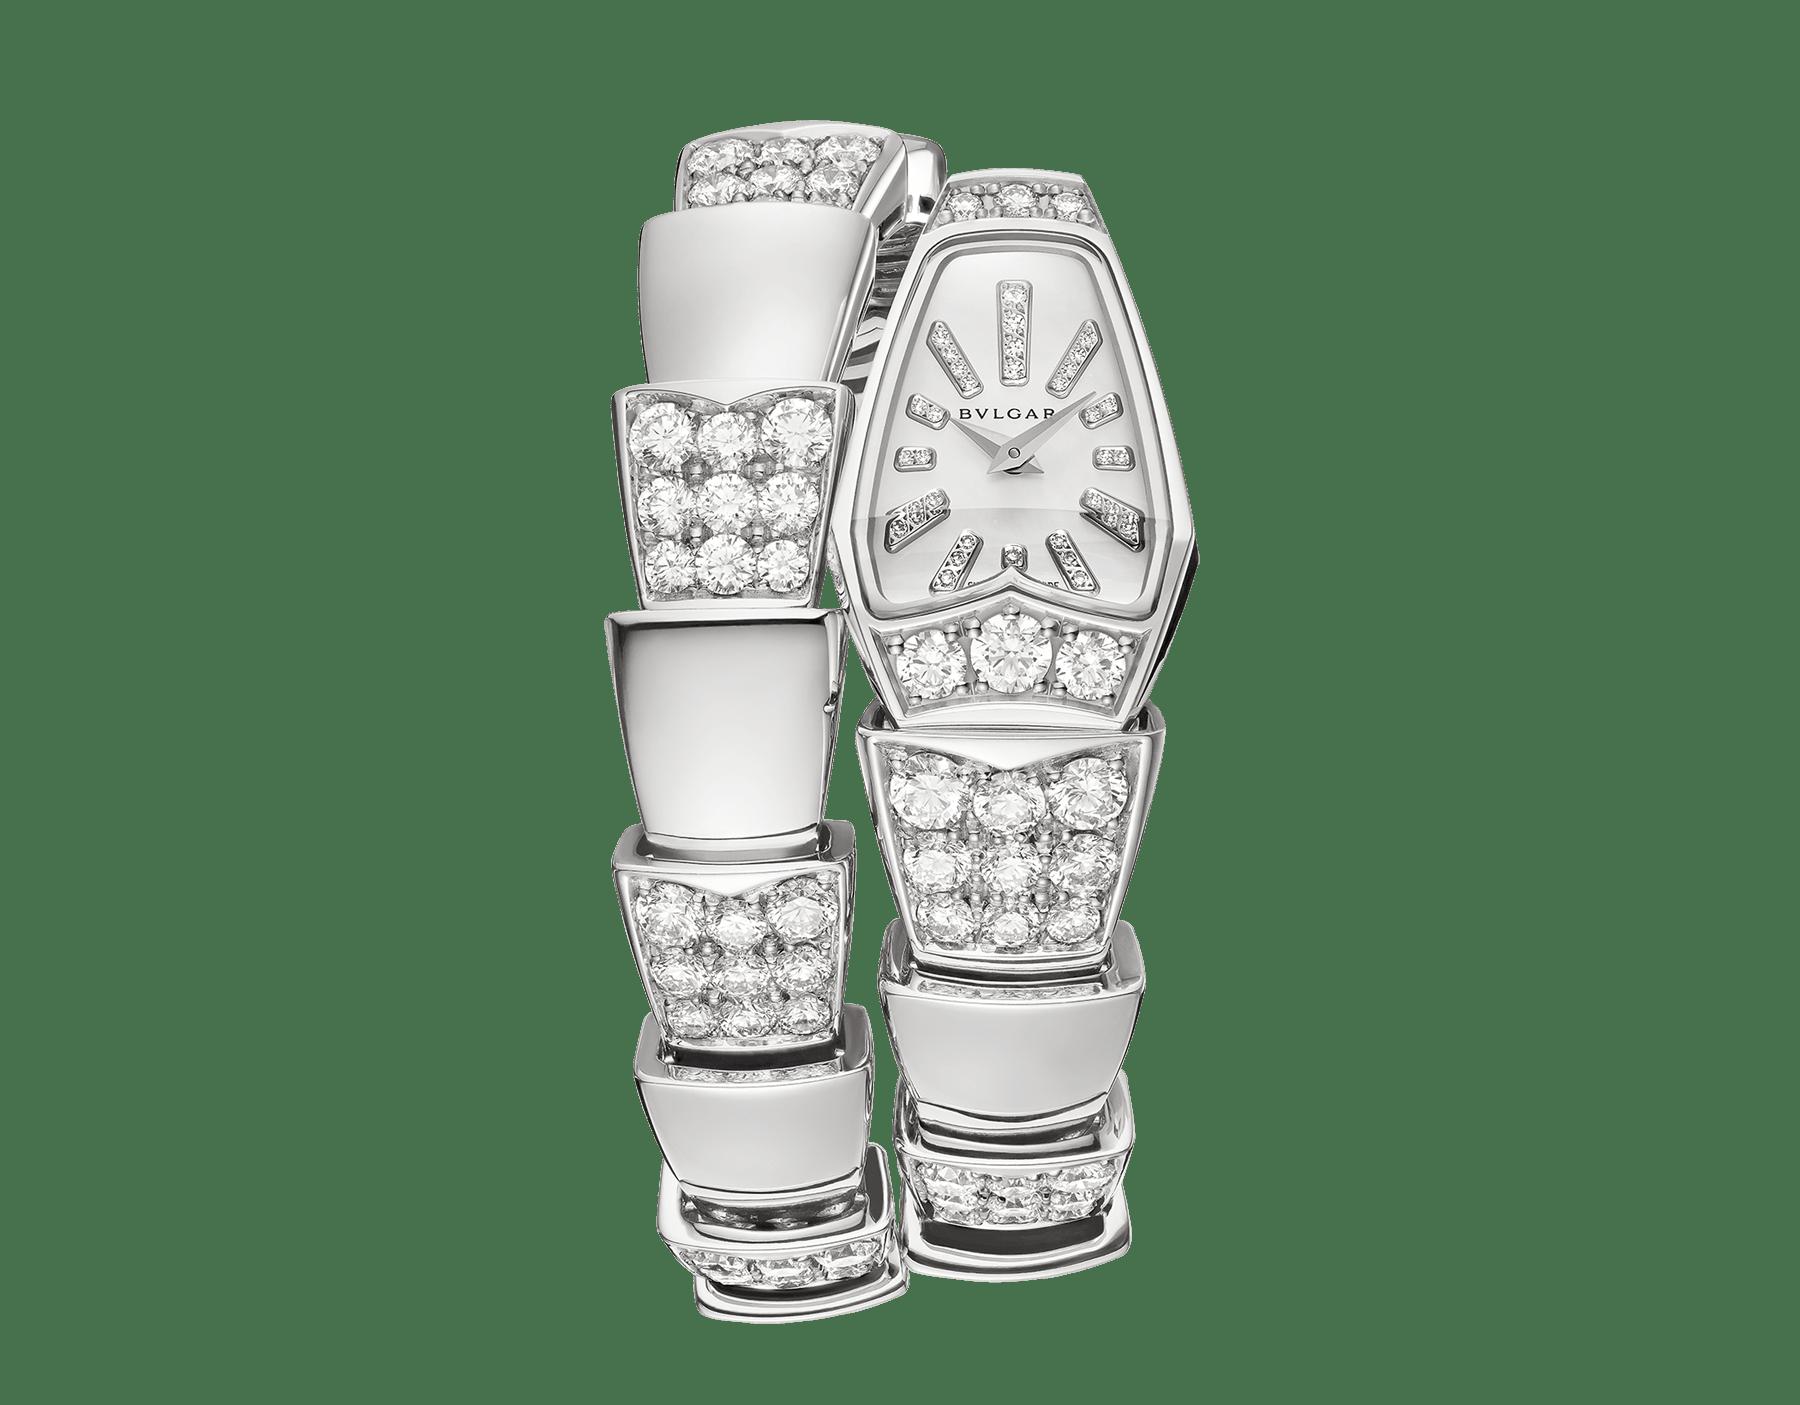 Serpenti Schmuckuhr mit Gehäuse aus 18Karat Weißgold und einfach geschwungenem Armband, beide mit Diamanten im Brillantschliff besetzt, weißes Perlmuttzifferblatt und Diamantindizes. 101787 image 1